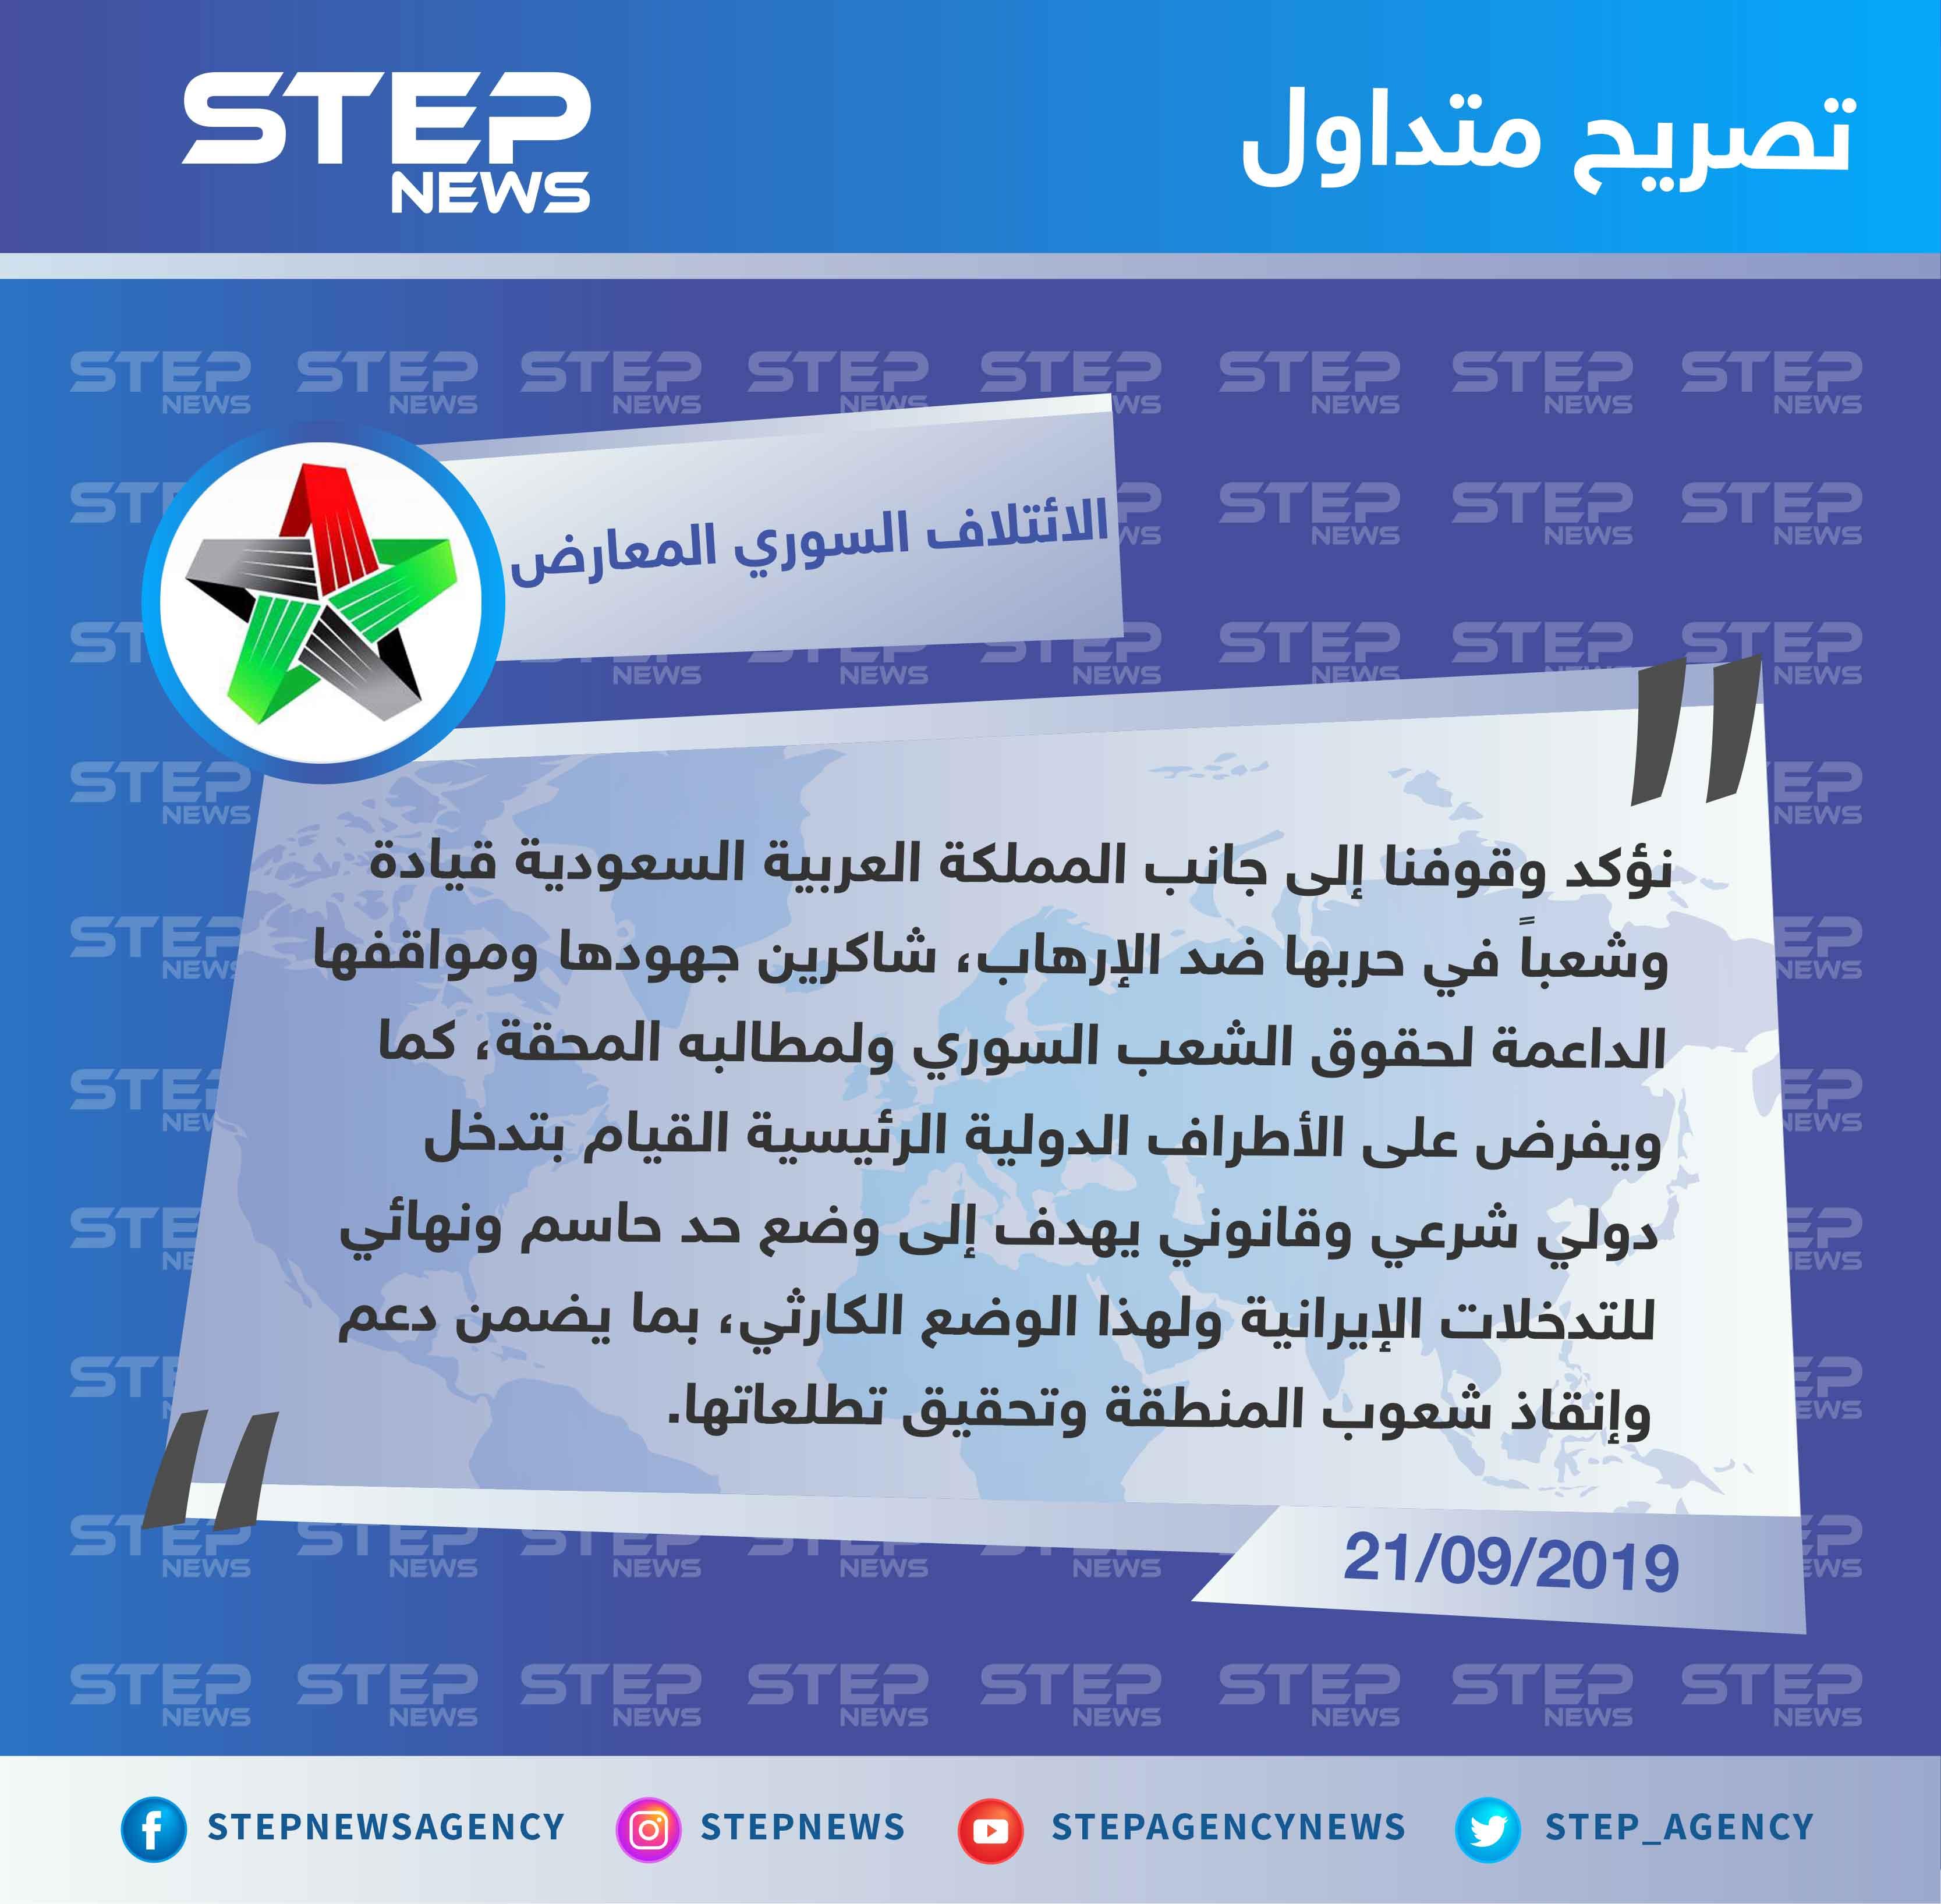 الائتلاف السوري المعارض يؤكد وقوفه إلى جانب السعودية ويطالب بوضع حد للتدخلات الإيرانية